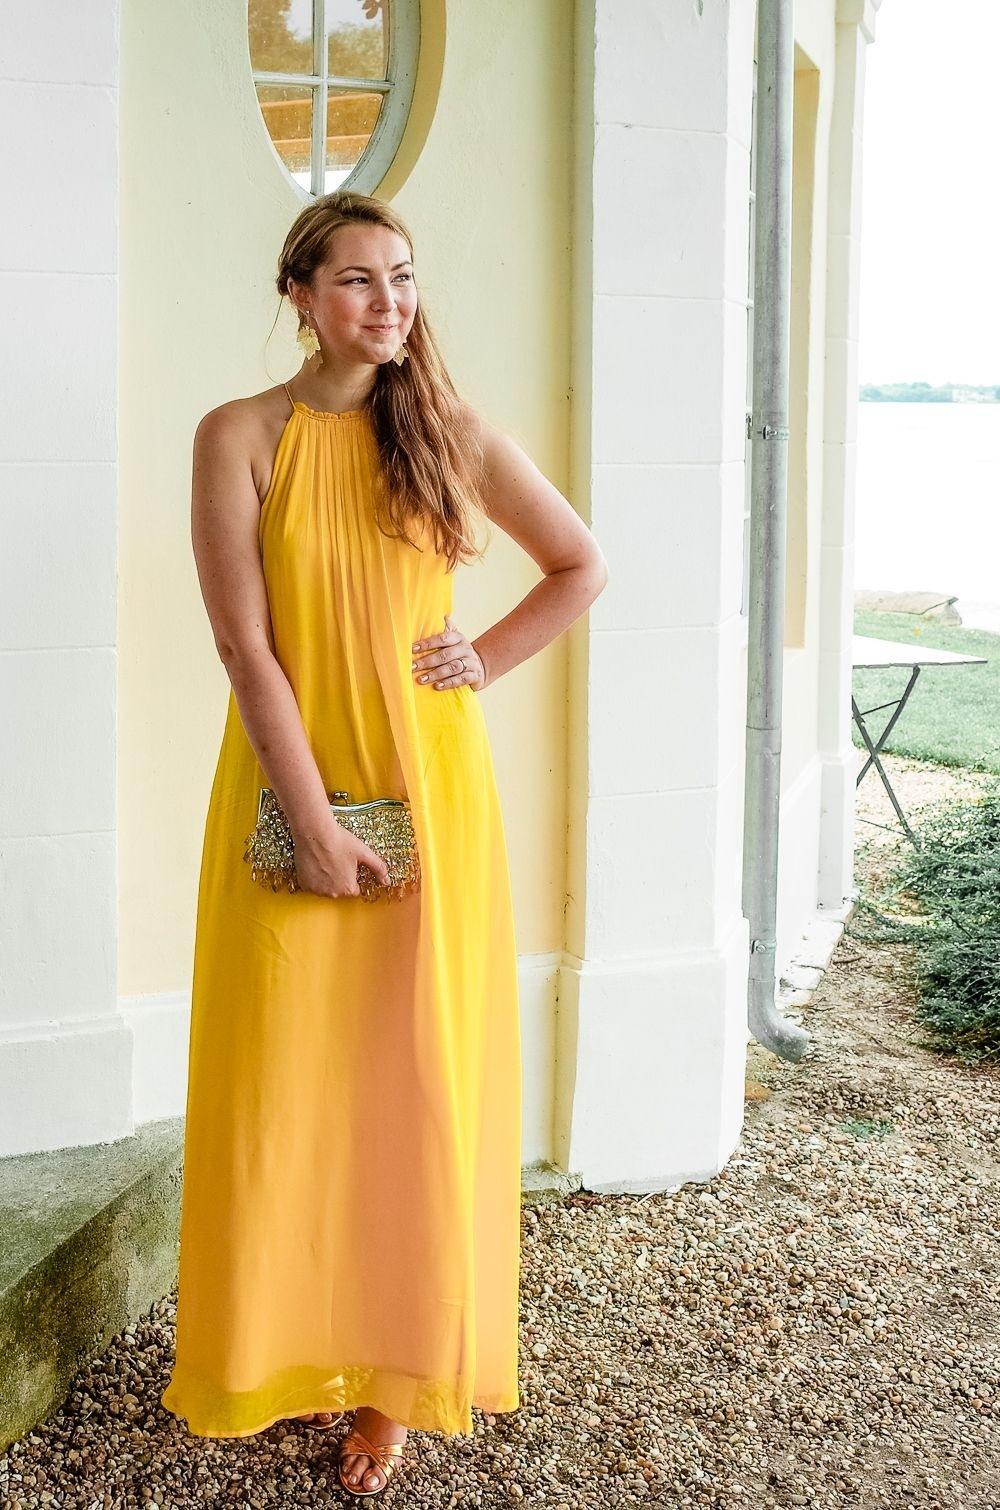 Abend Luxurius Kleid Für Hochzeitsgast Galerie Top Kleid Für Hochzeitsgast Stylish